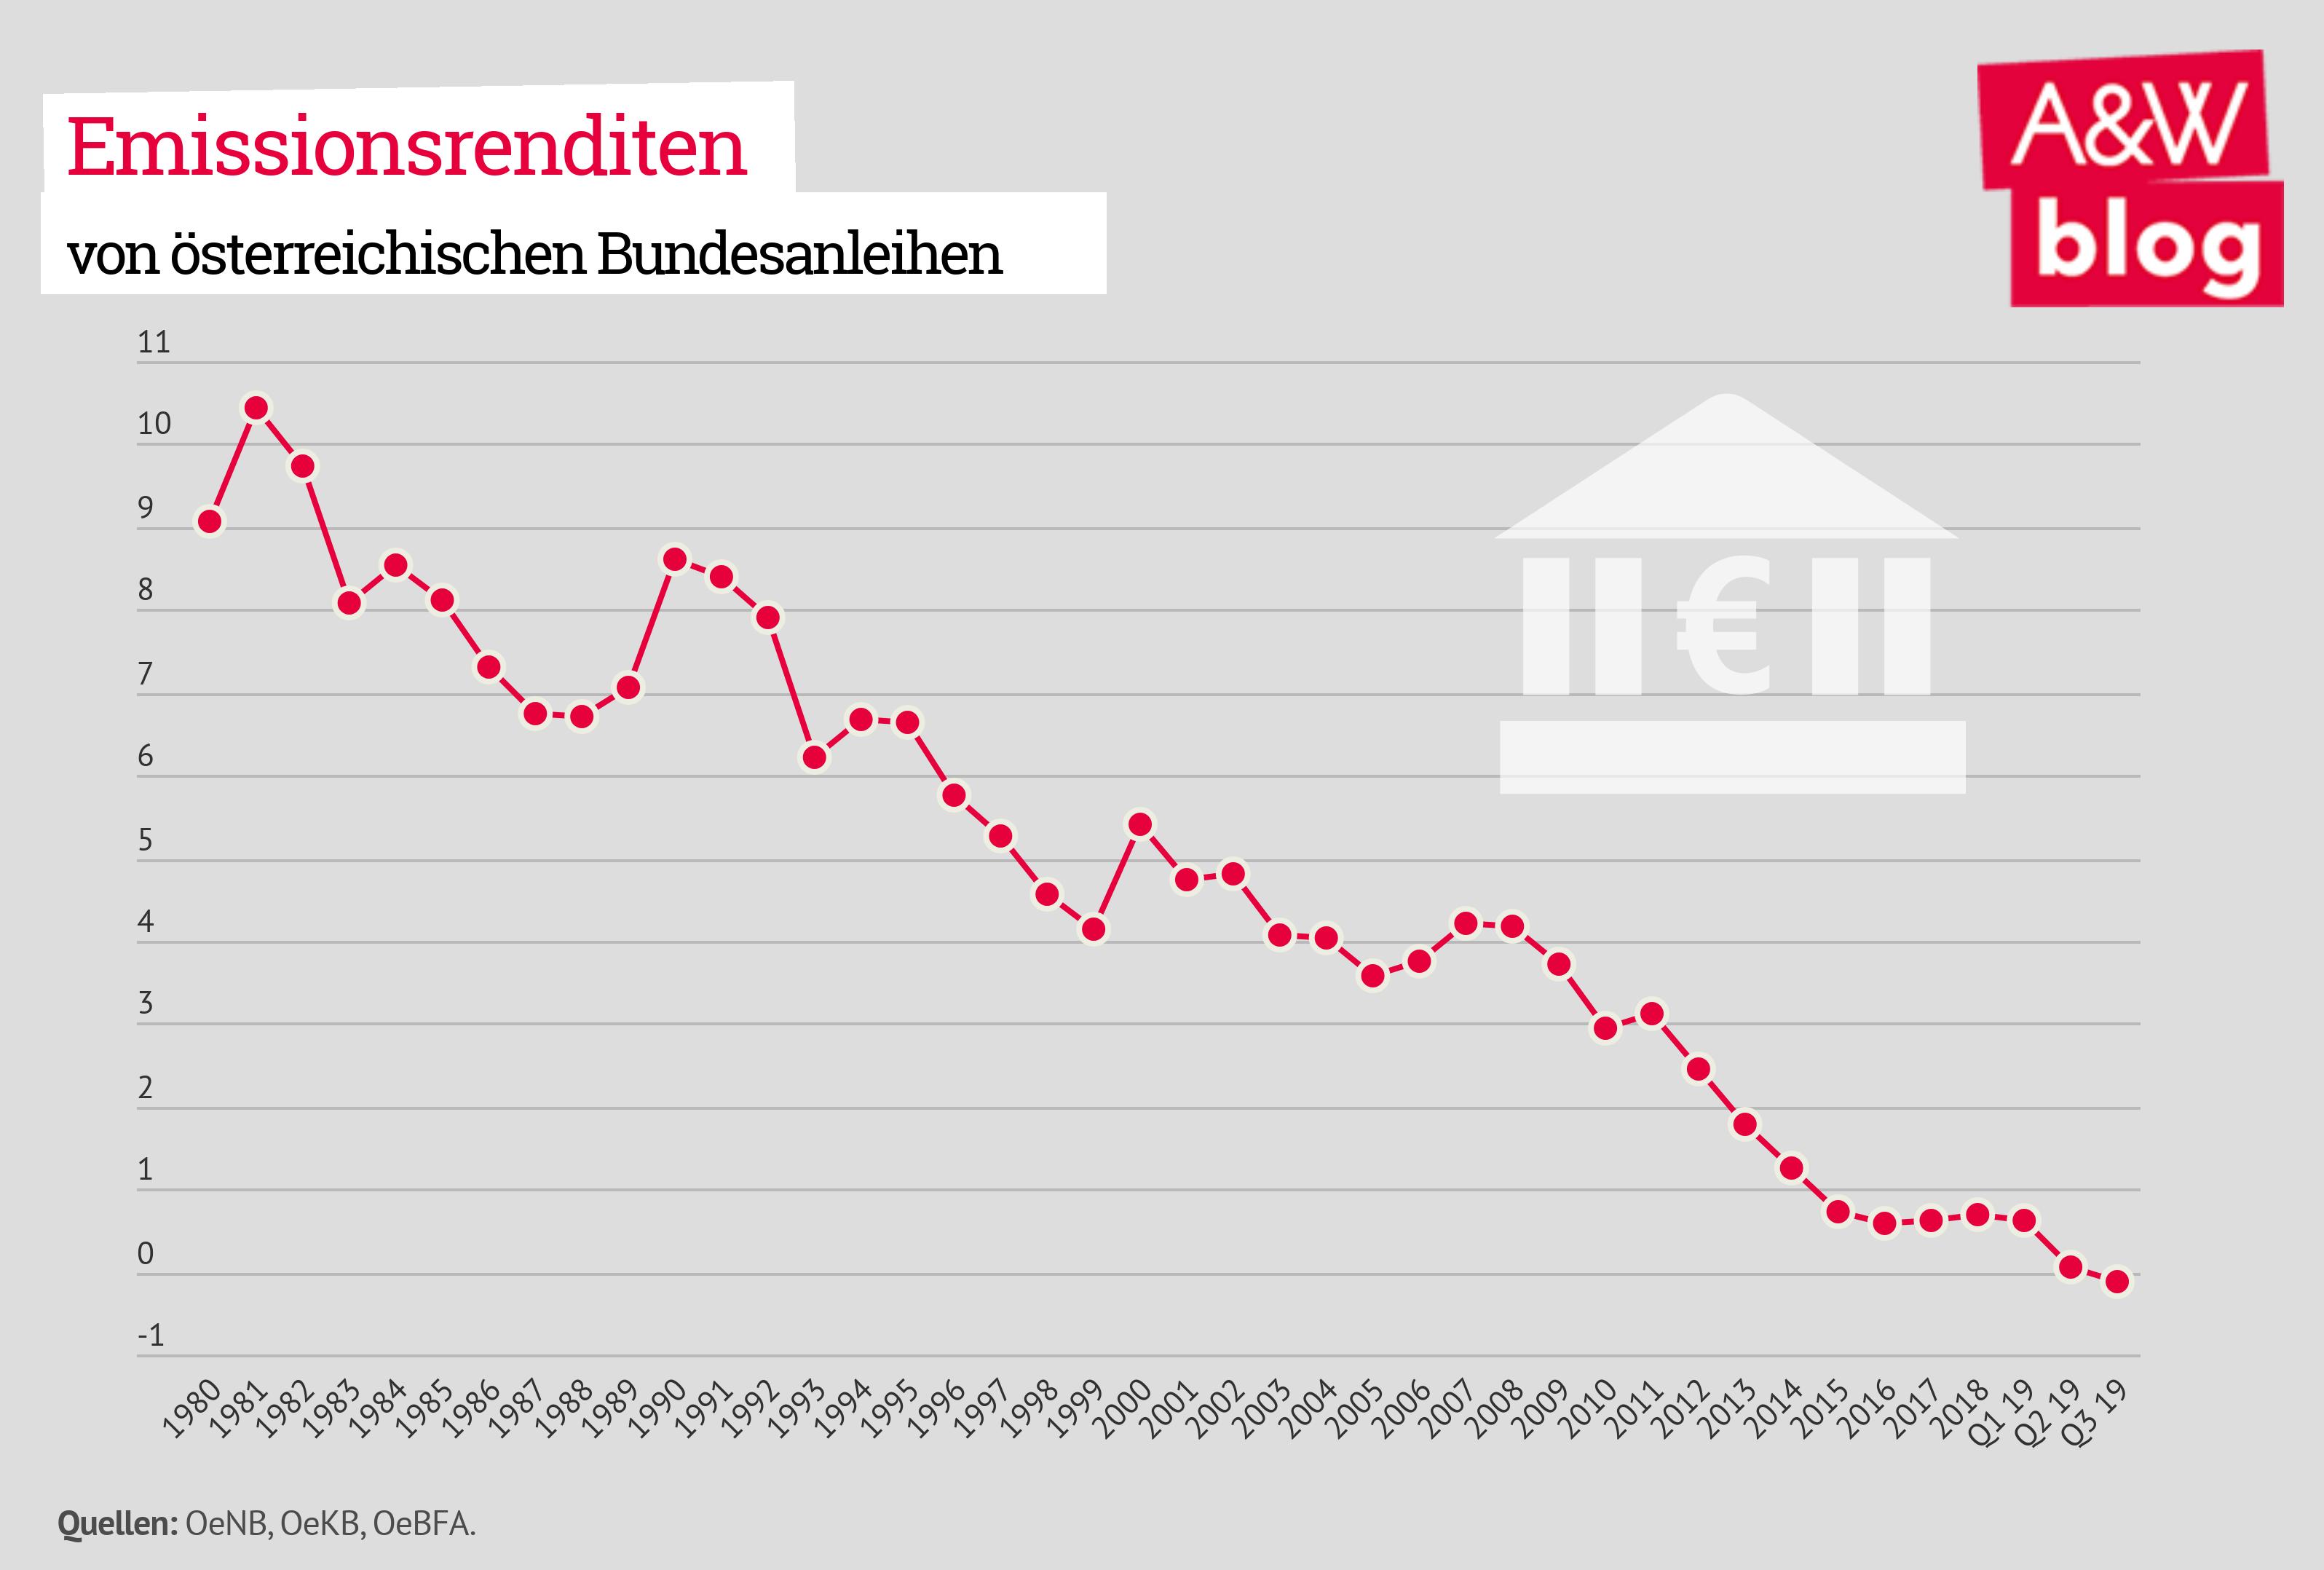 Emissionsrenditen von österreichischen Bundesanleihen